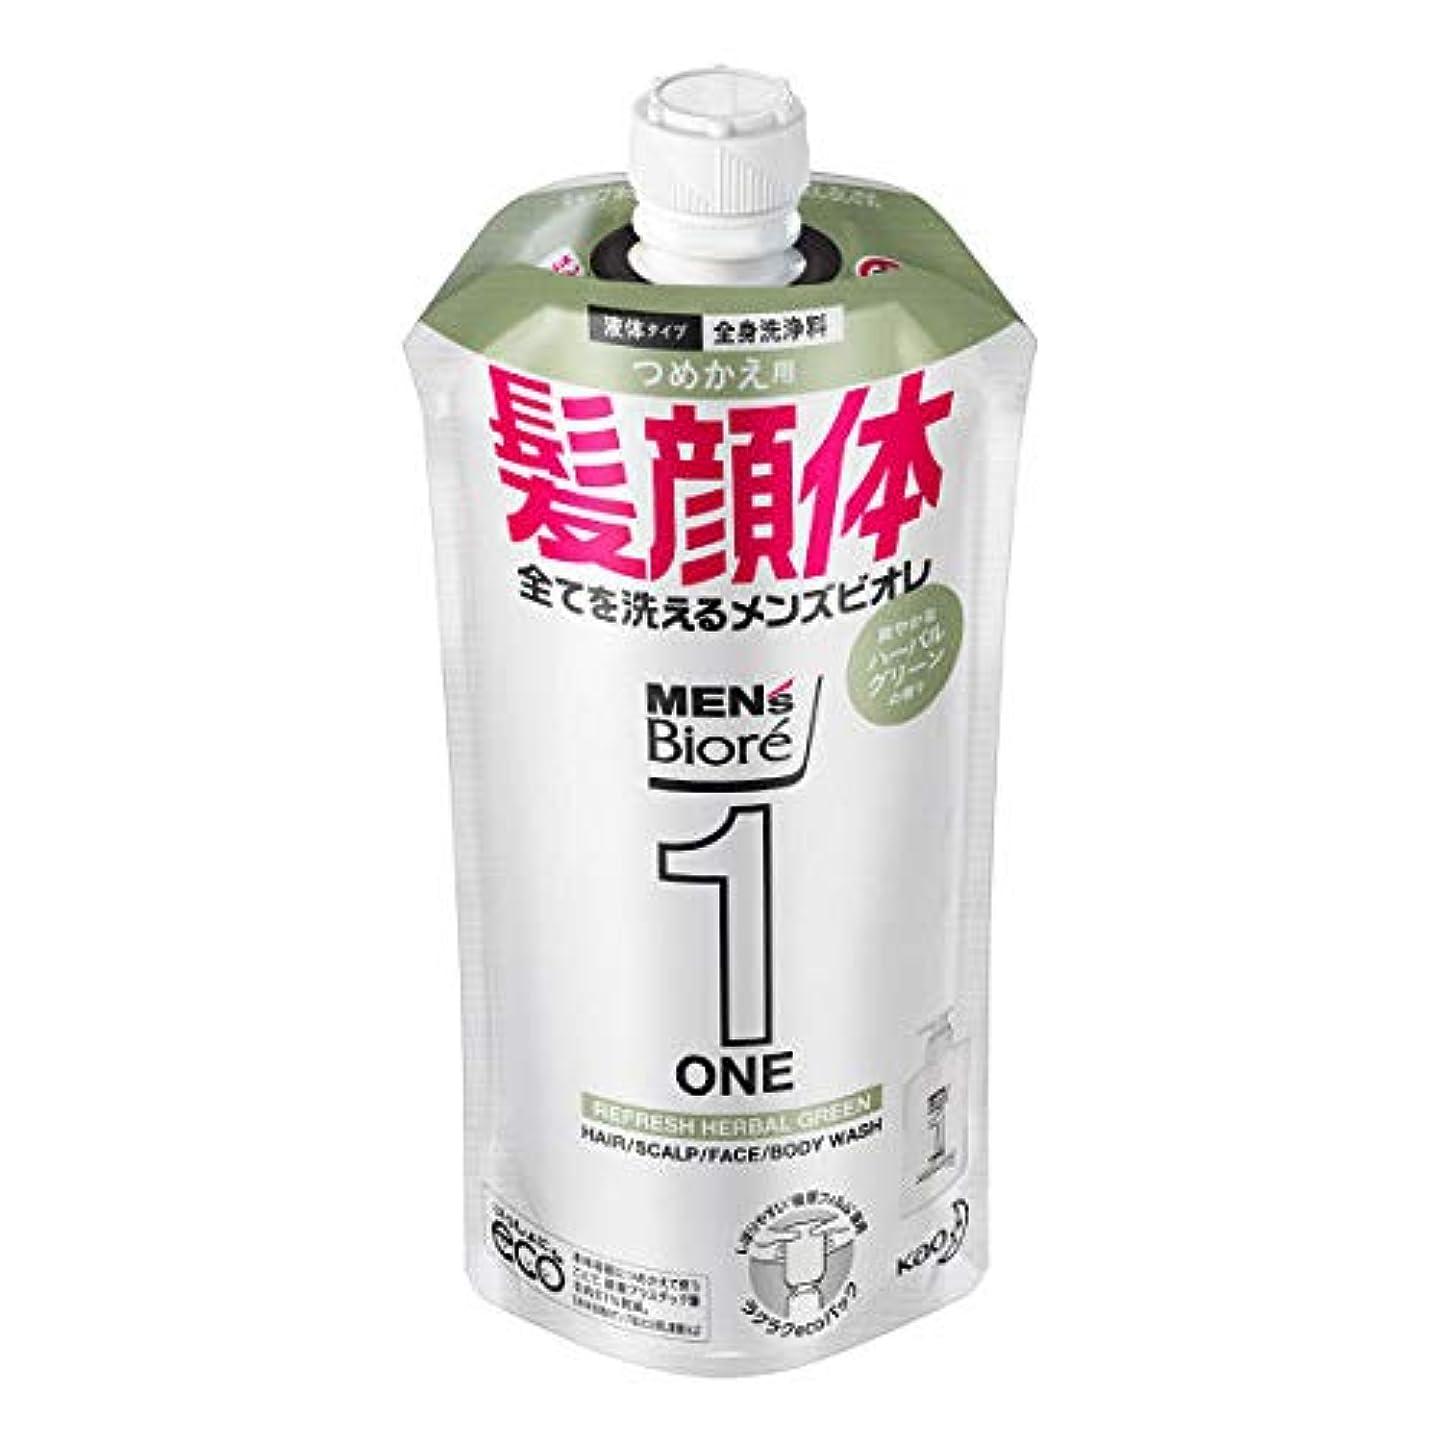 喜劇遵守する思いつくメンズビオレONE オールインワン全身洗浄料 爽やかなハーブルグリーンの香り つめかえ用 340mL